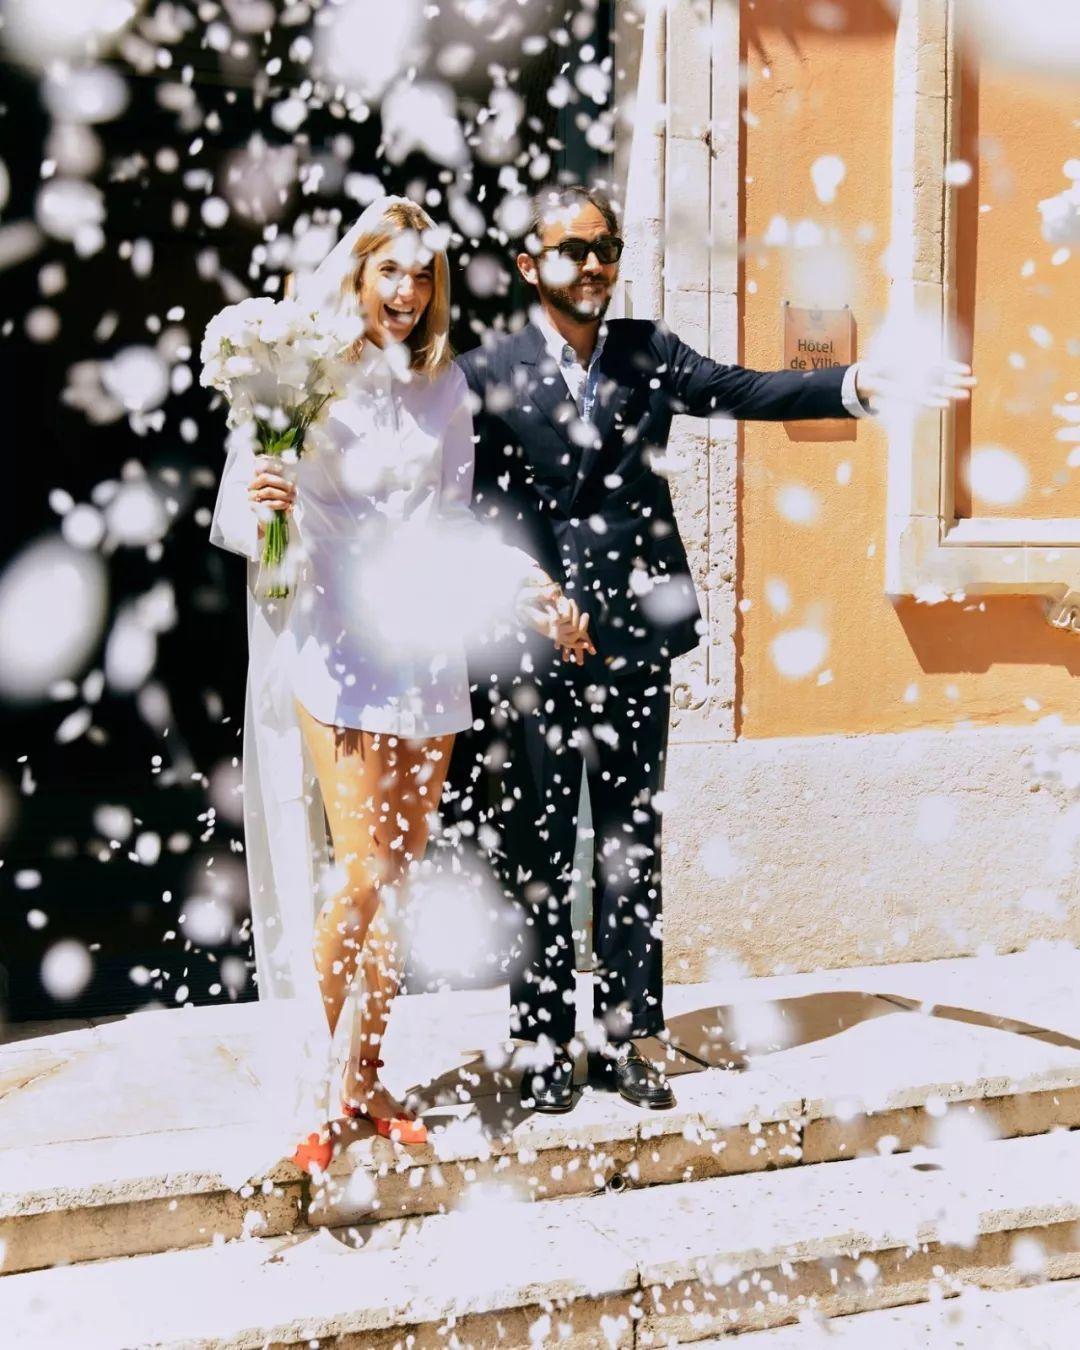 """""""我想要的婚礼 像这样简单美好就很好"""""""""""